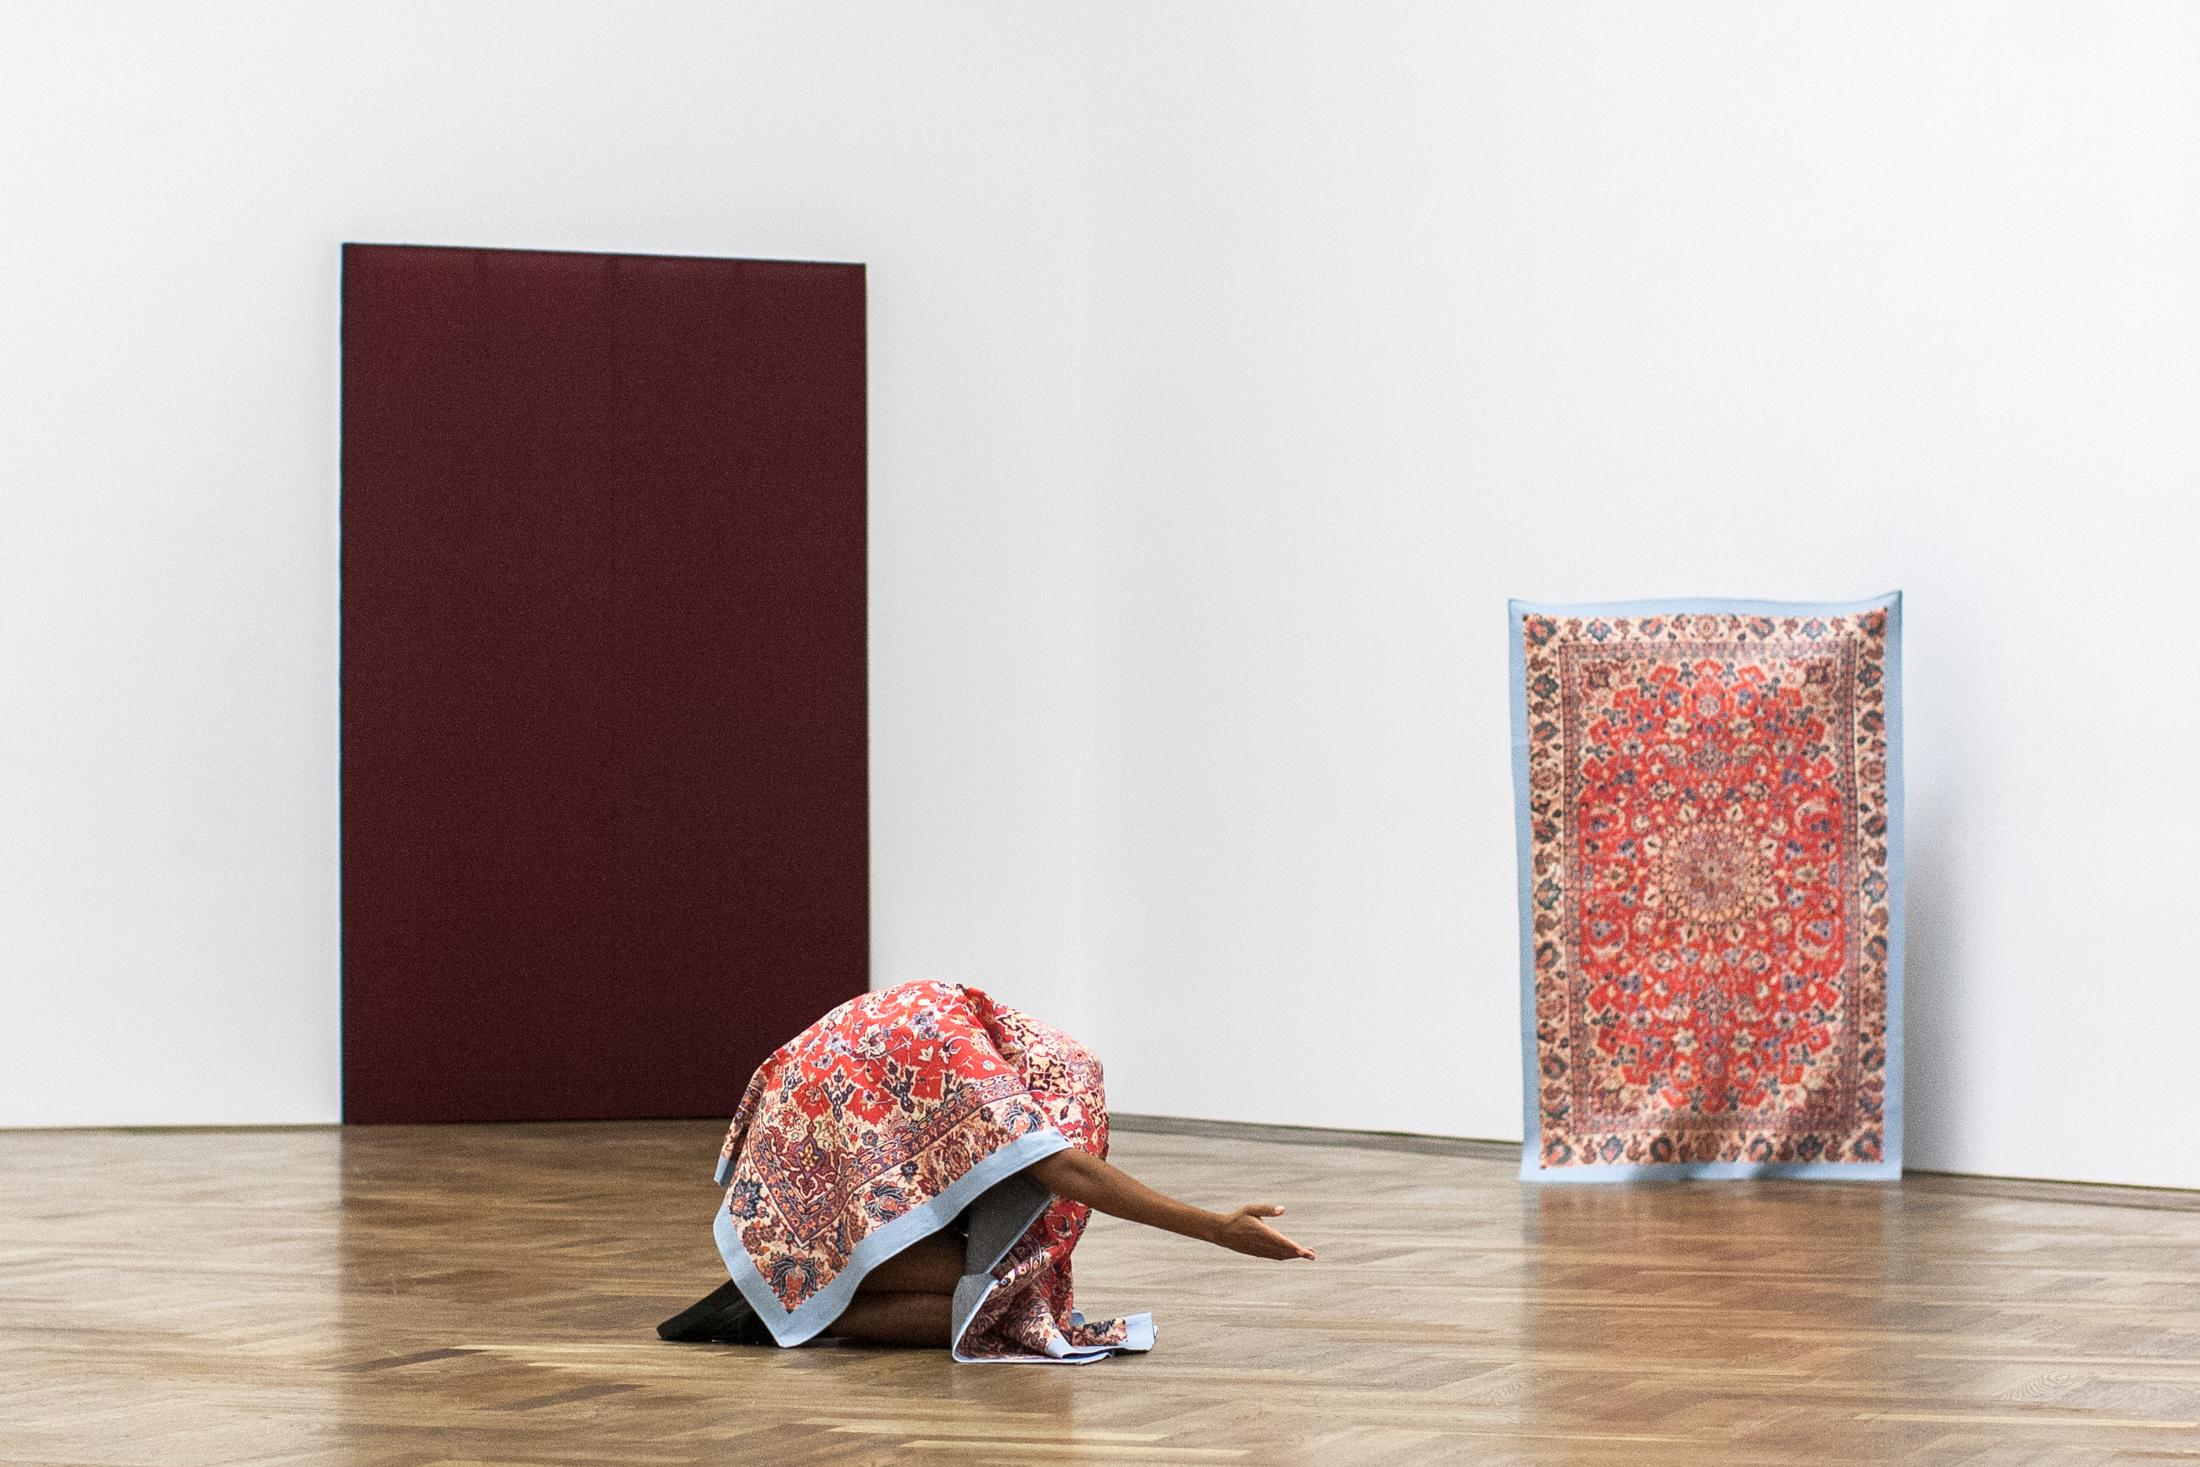 for Kunsthalle Basel